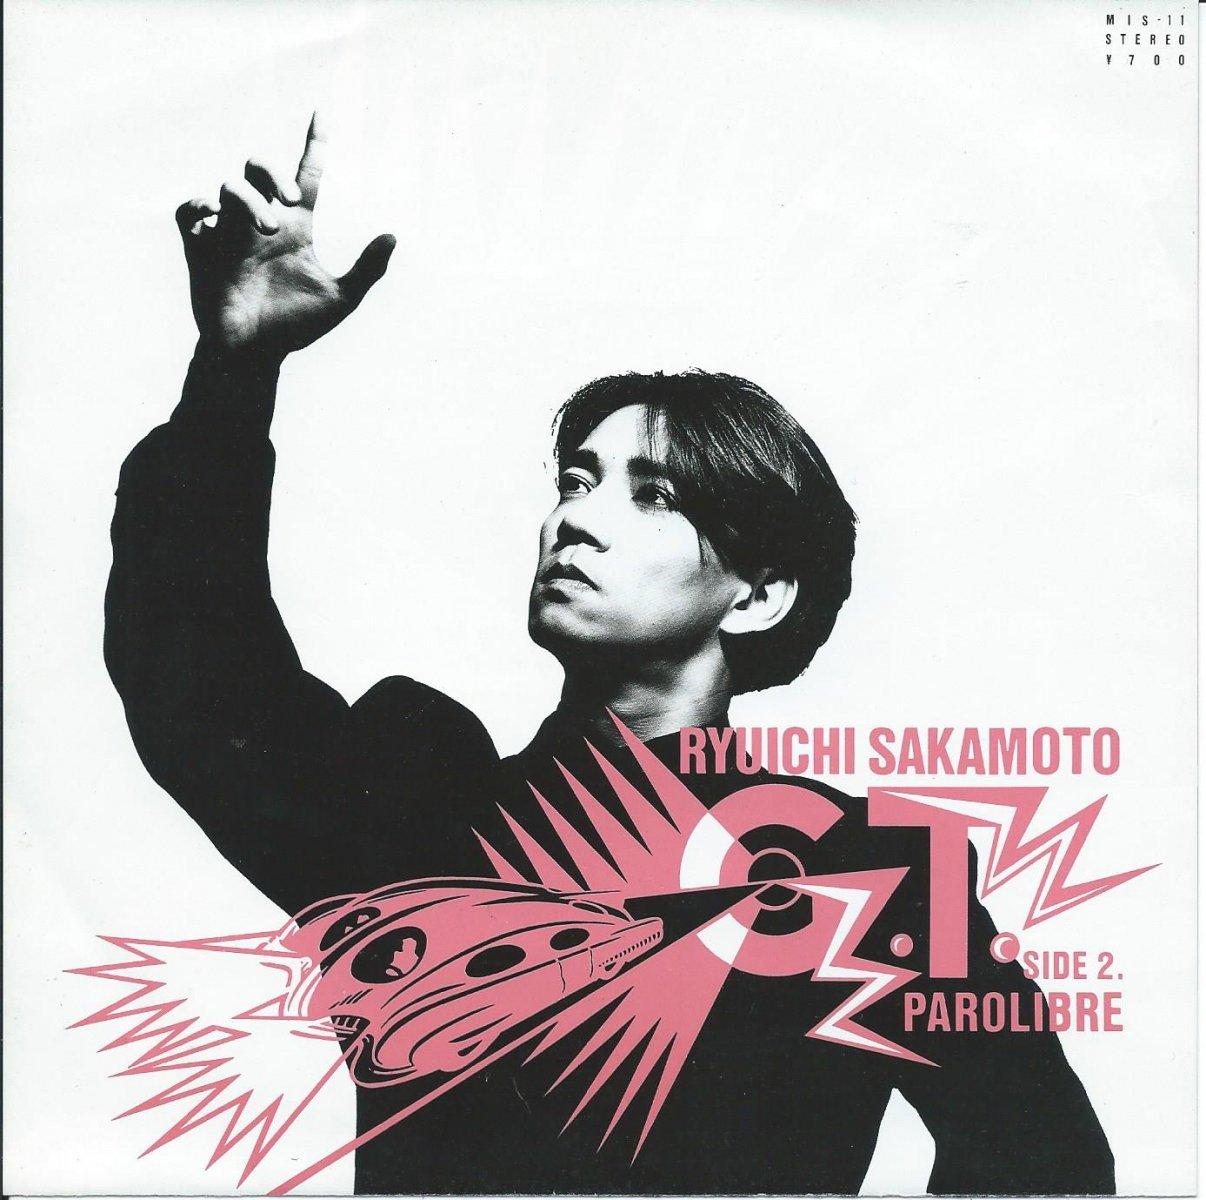 坂本龍一 RYUICHI SAKAMOTO / G.T. / PAROLLIBRE (7